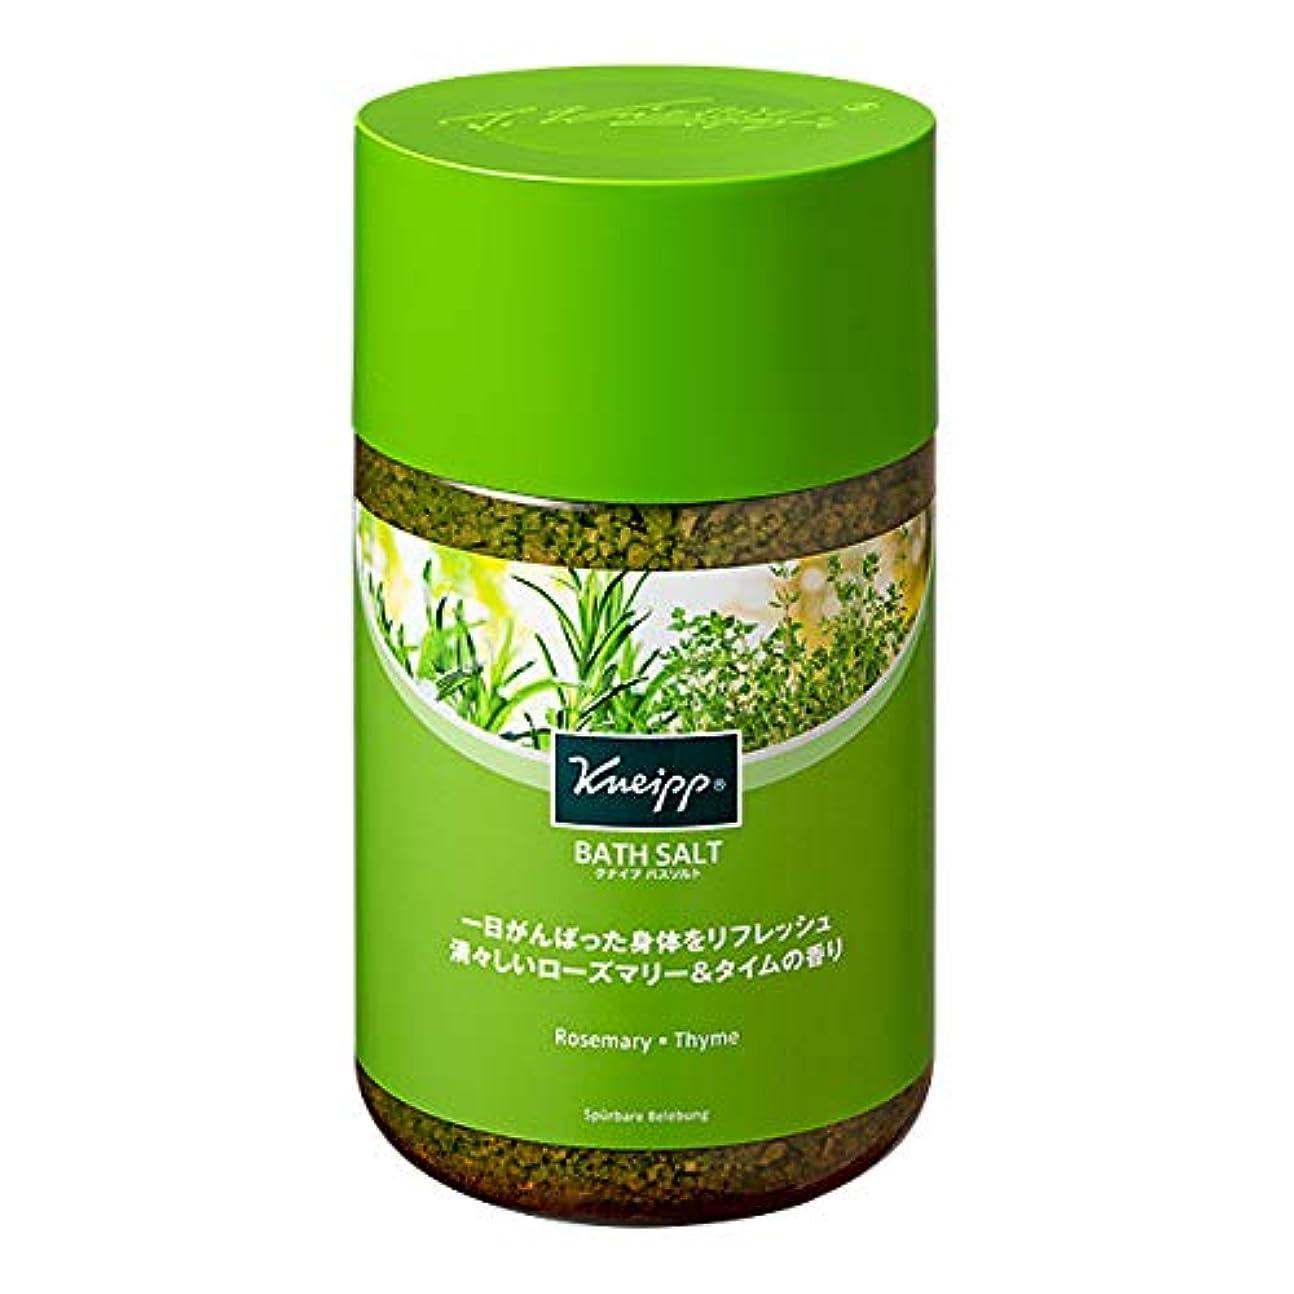 またはモニターホップクナイプ(Kneipp) クナイプ バスソルト ローズマリー&タイムの香り850g 入浴剤